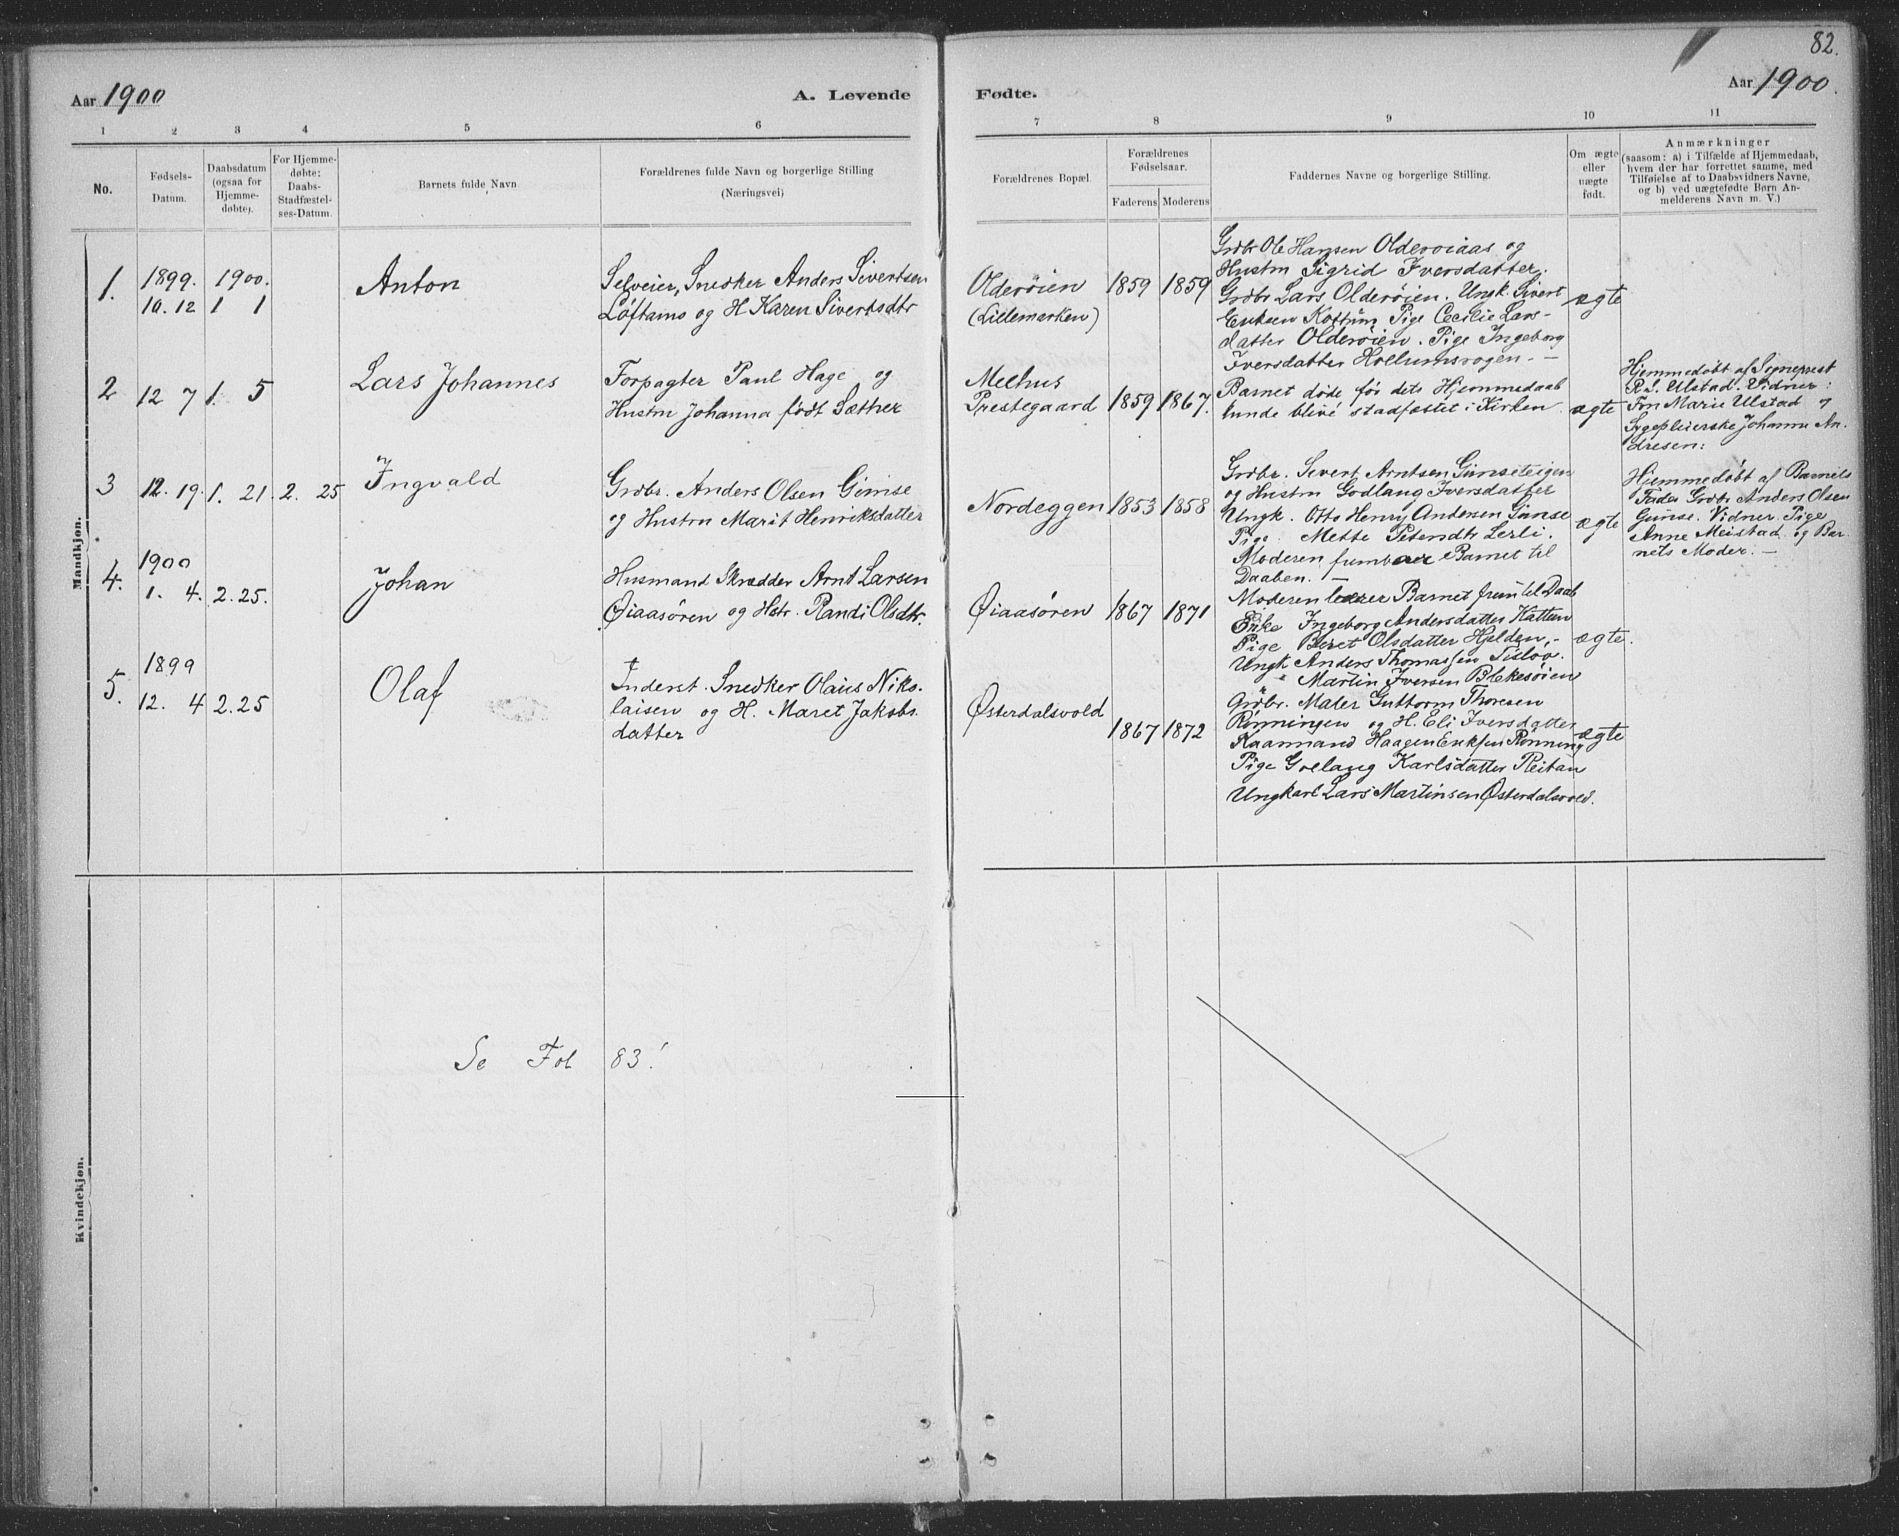 SAT, Ministerialprotokoller, klokkerbøker og fødselsregistre - Sør-Trøndelag, 691/L1085: Ministerialbok nr. 691A17, 1887-1908, s. 82